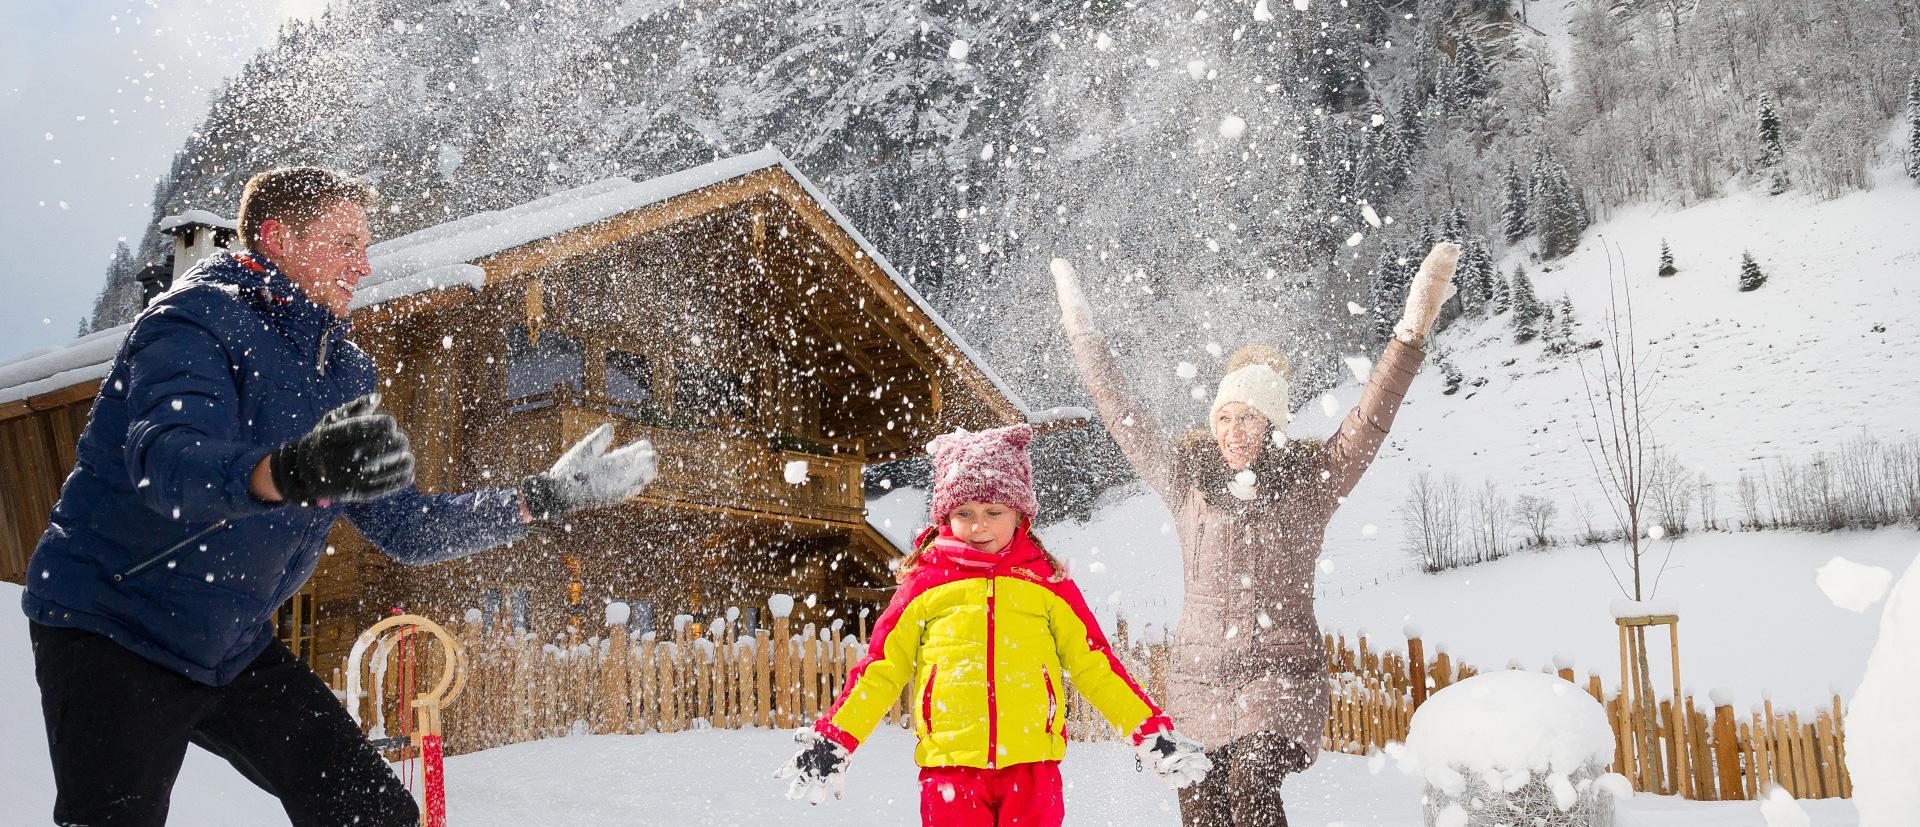 Unsere Luxus-Chalets sind ideal für Ihren Familienurlaub in Österreich